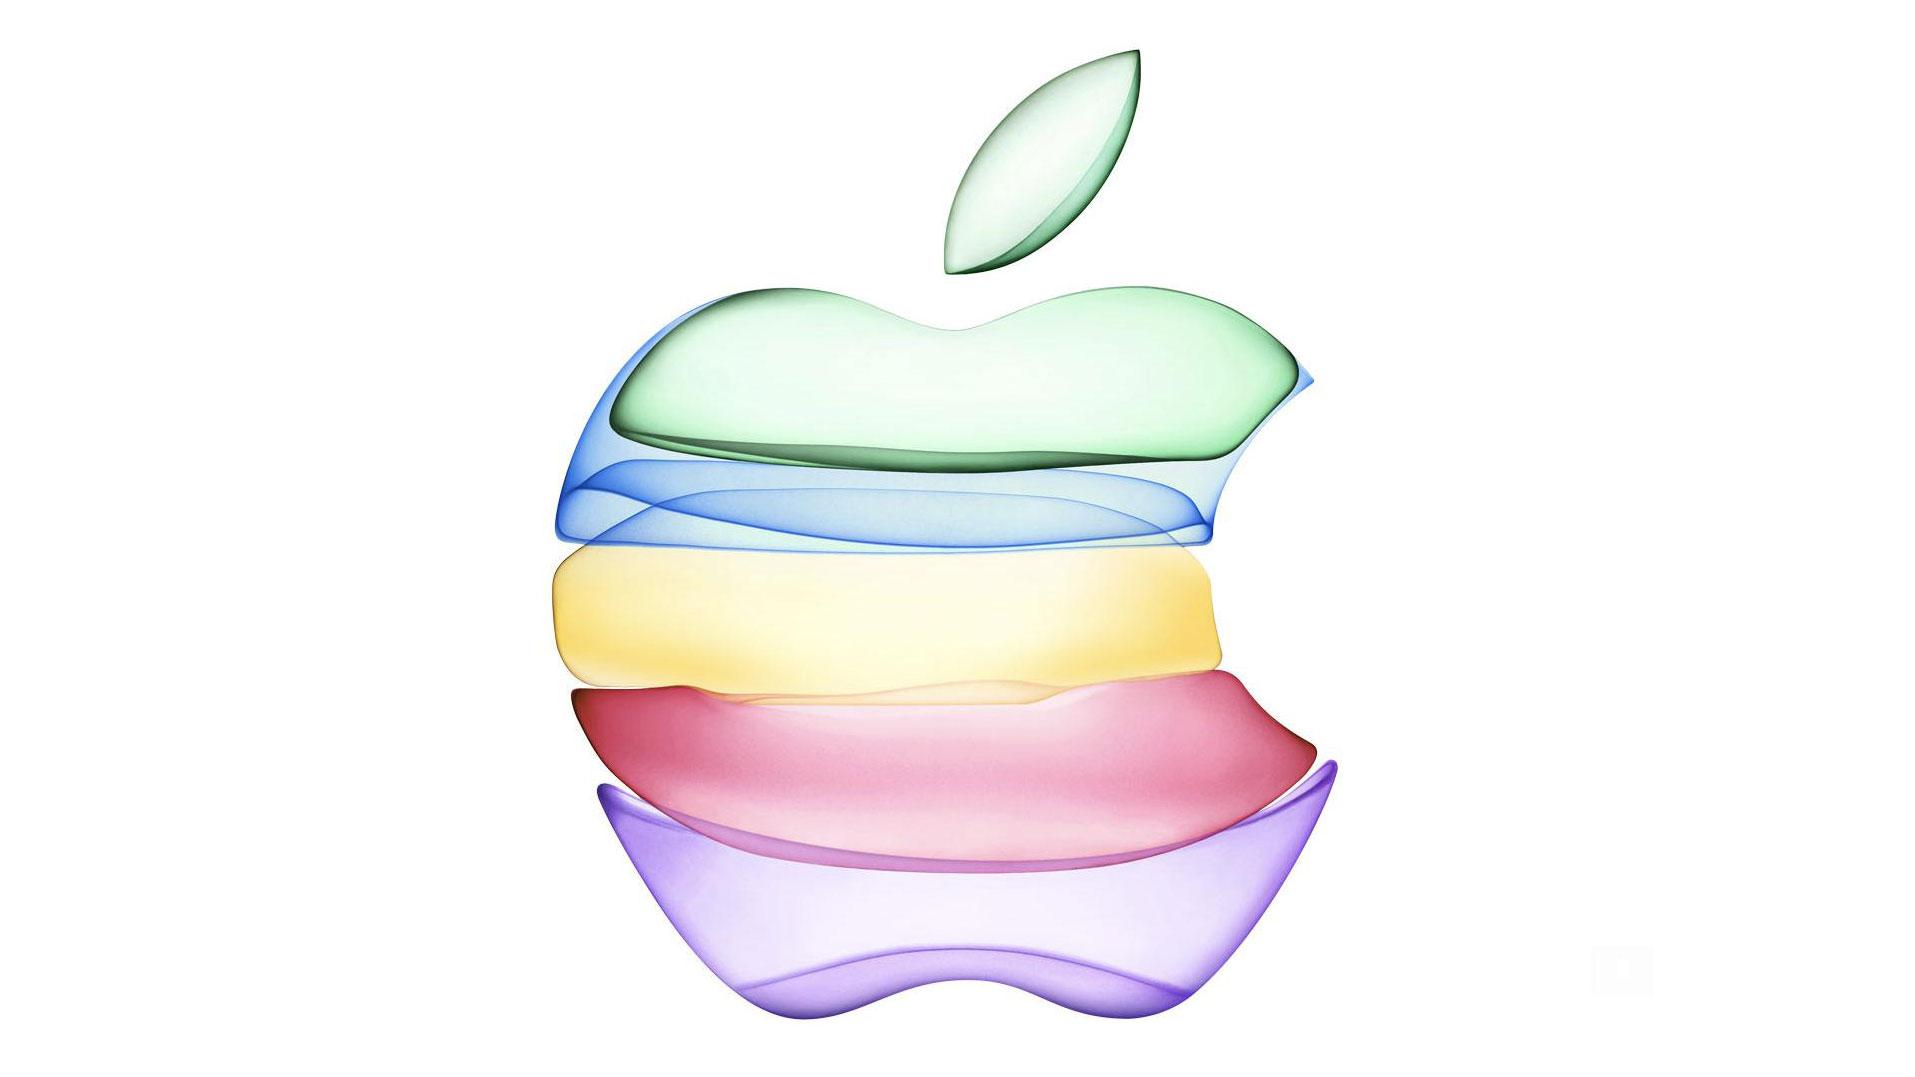 Pamiêtacie, ¿e Apple zdecydowa³o siê sprzedawaæ smartfony bez zasilacza? Politycy niektórych krajów mówi± nie